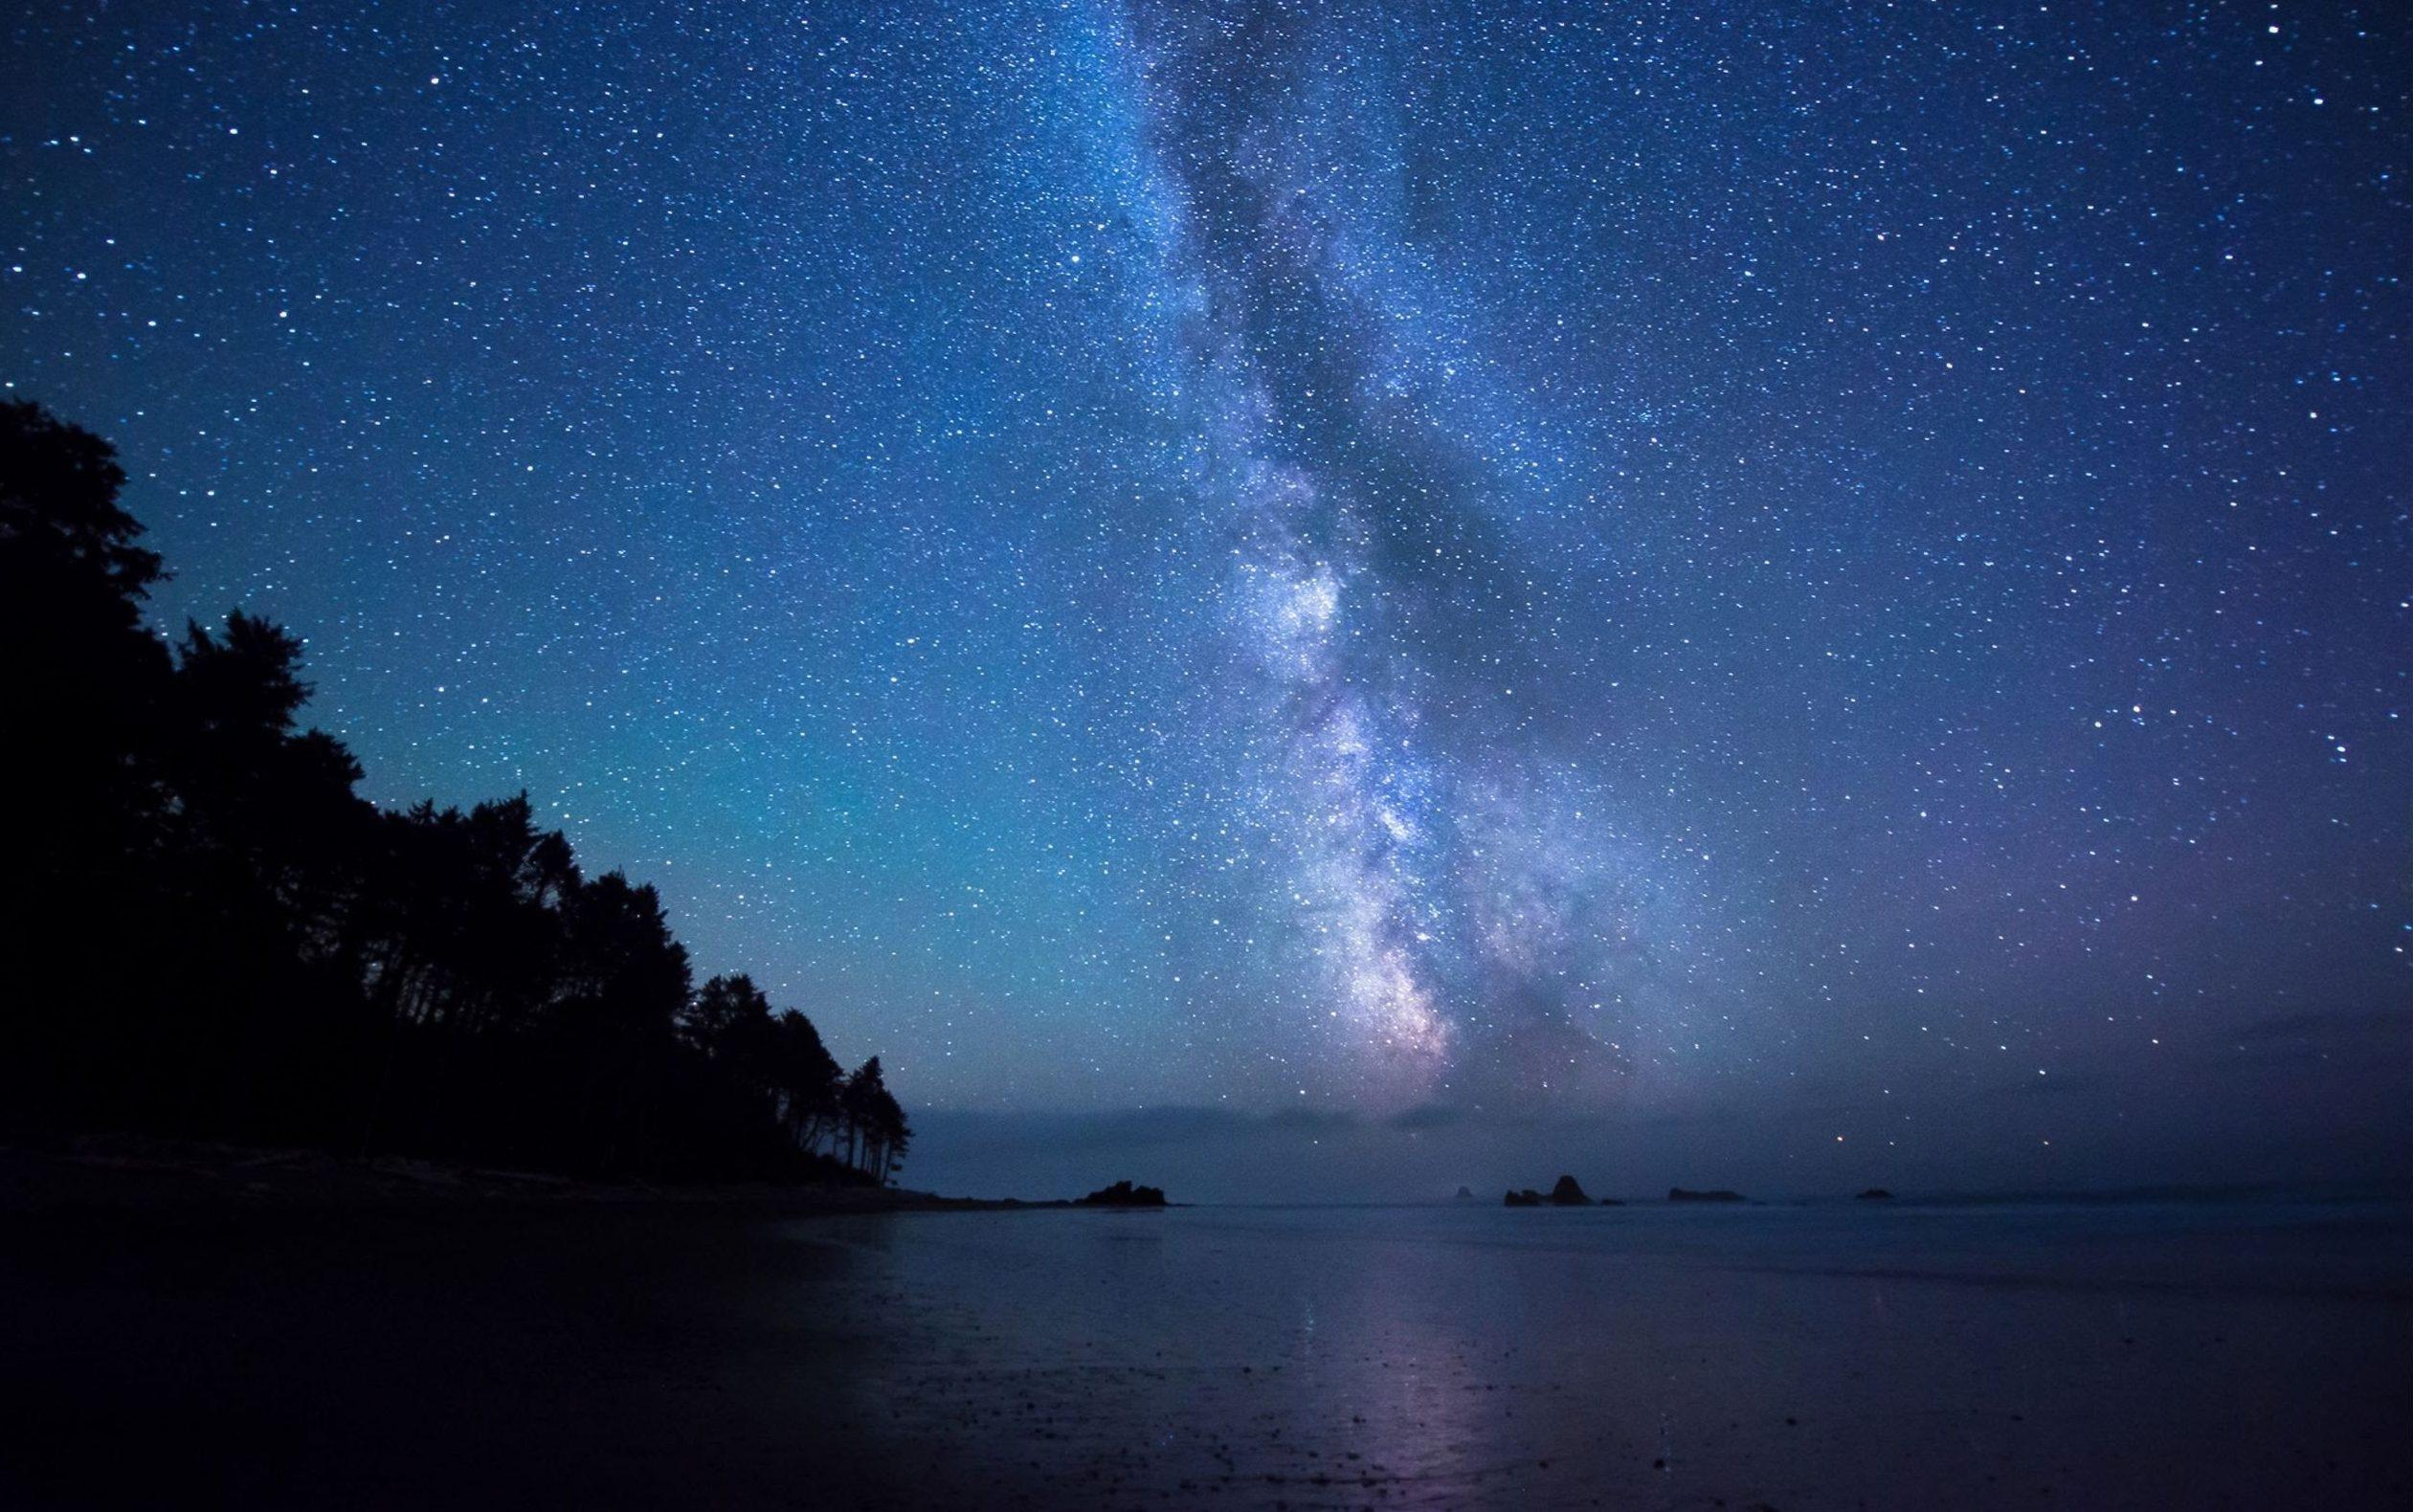 Ученый пояснил, почему земляне вплоть доэтого времени необнаружили инопланетян